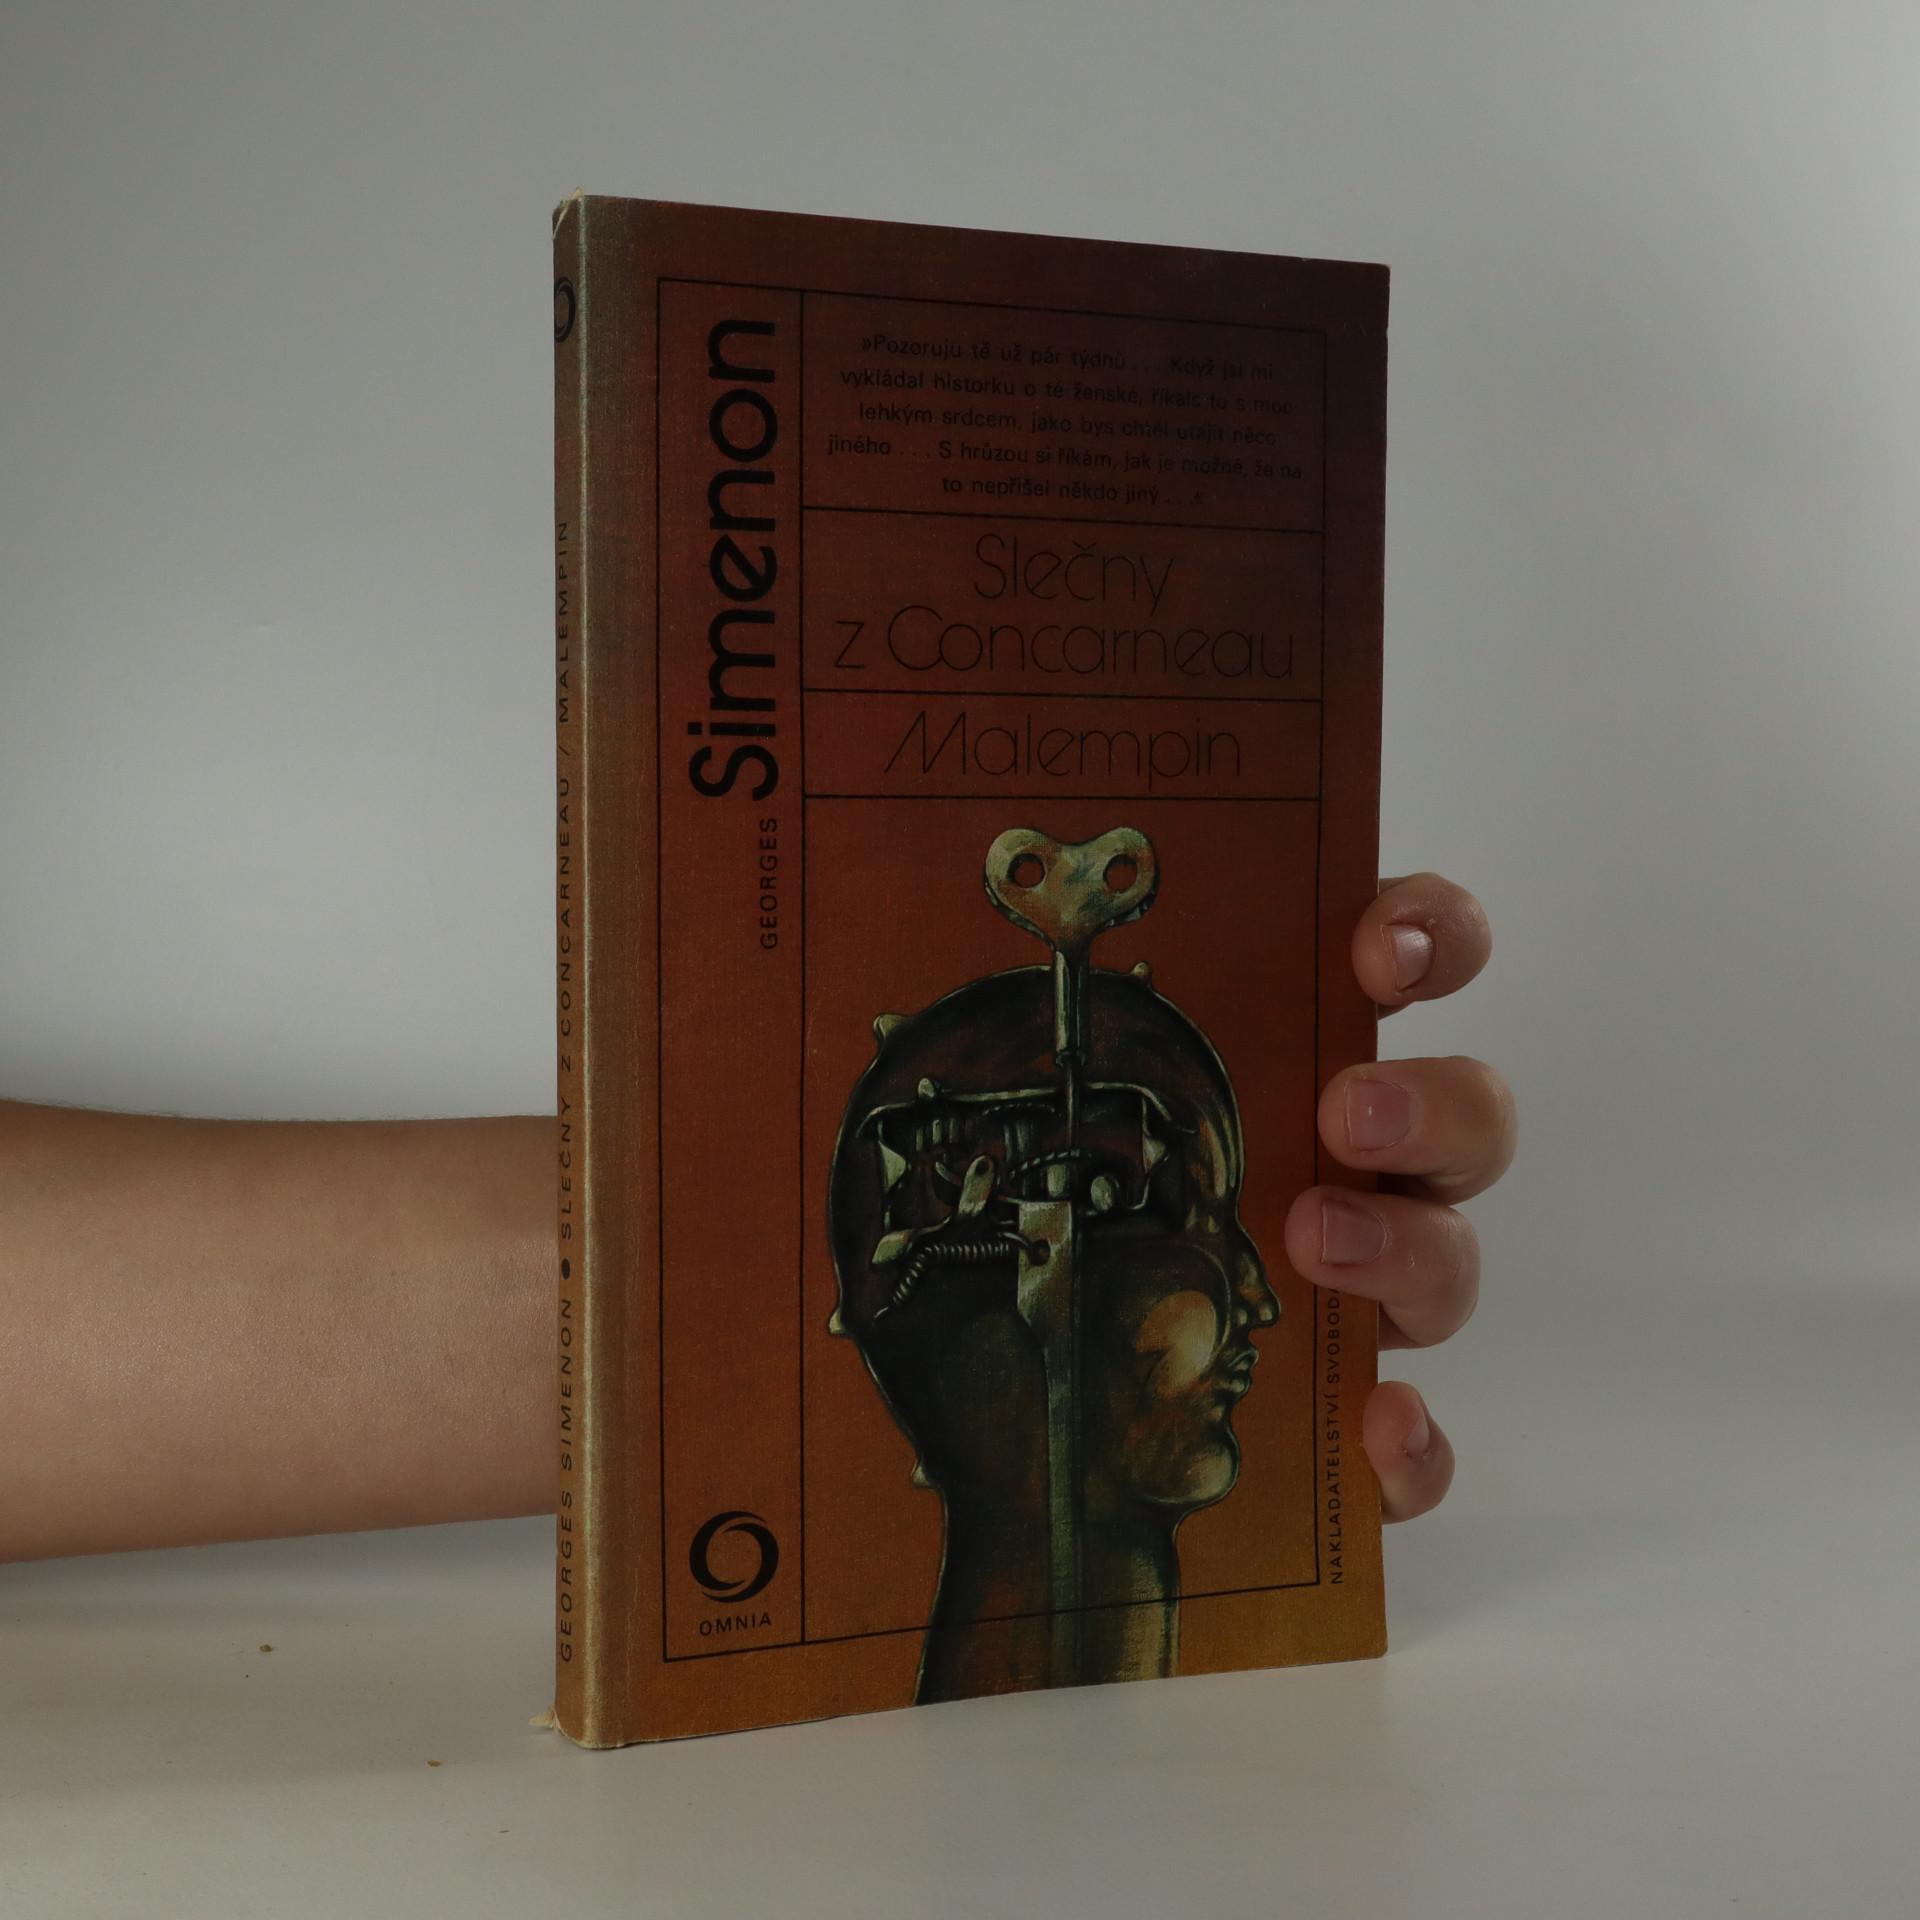 antikvární kniha Slečny z Concarneau Malempin, 1985